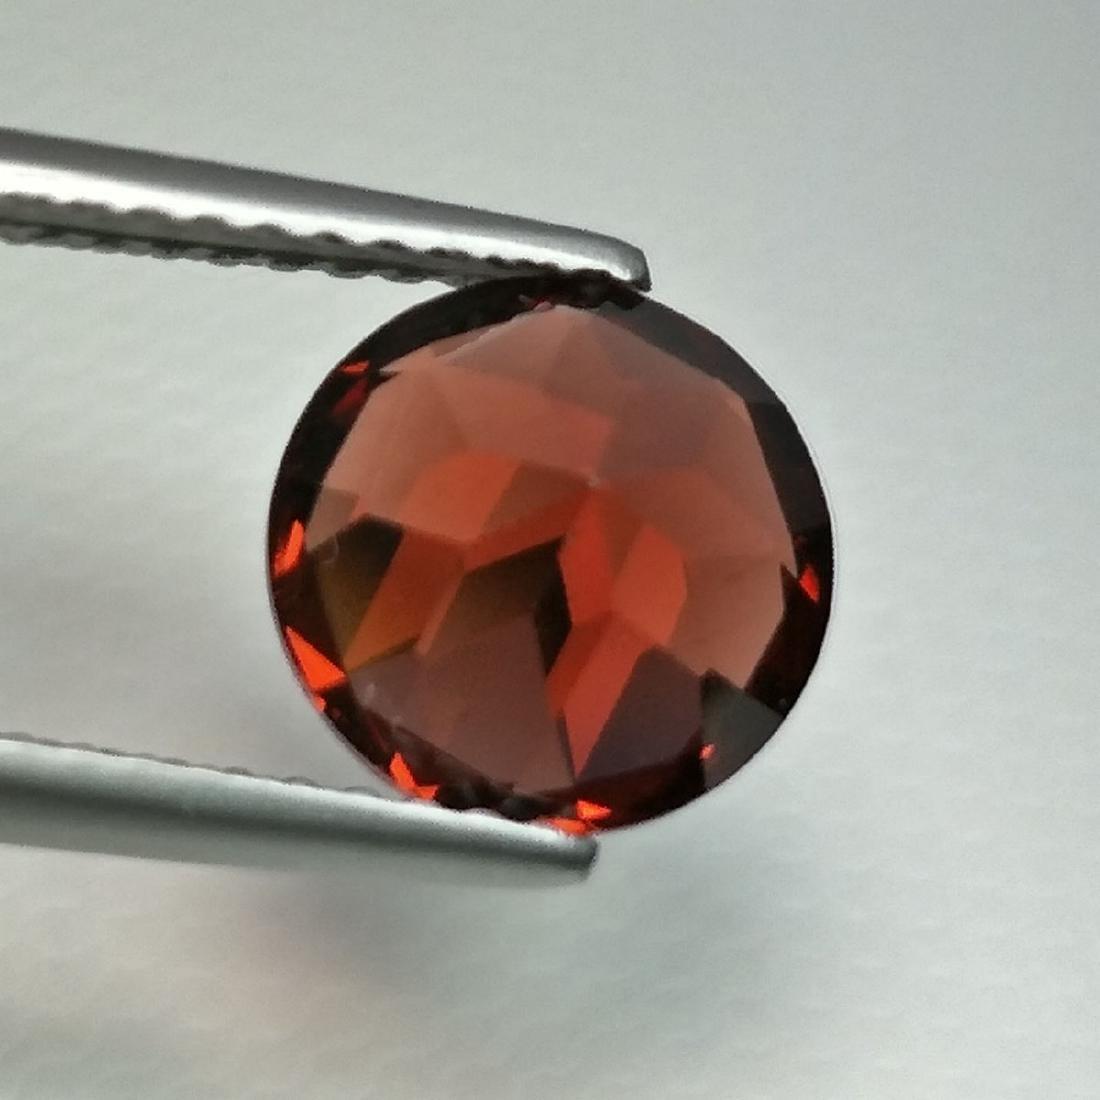 2.28 Carat Loose Pyrope - Almandite Red Garnet - 2